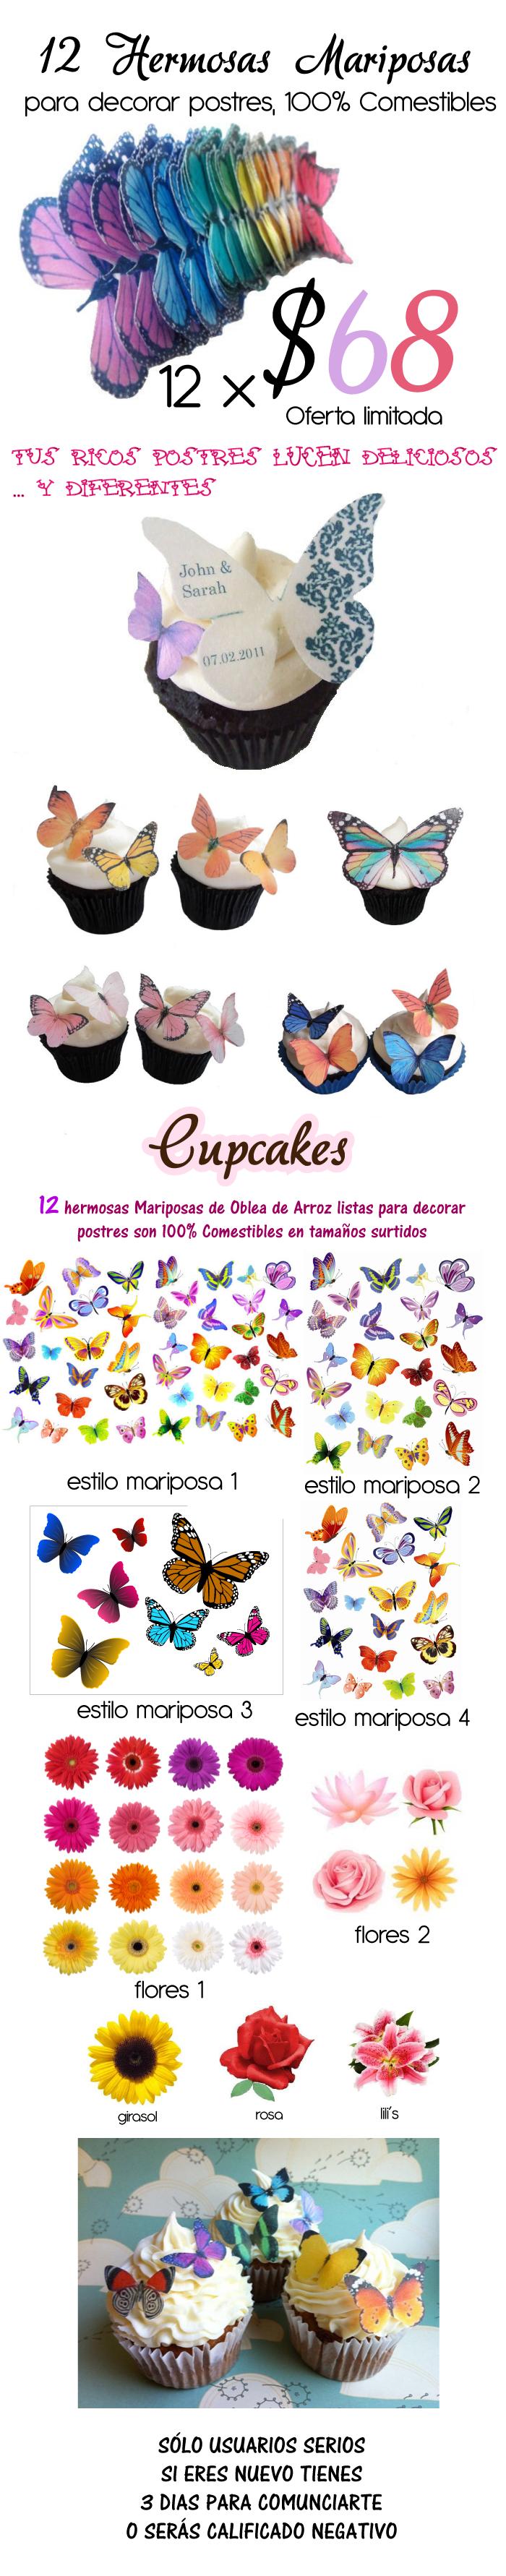 12 Hermosas Mariposas Oblea Comestible Pastel Bfn) $68 en Leon Mexico